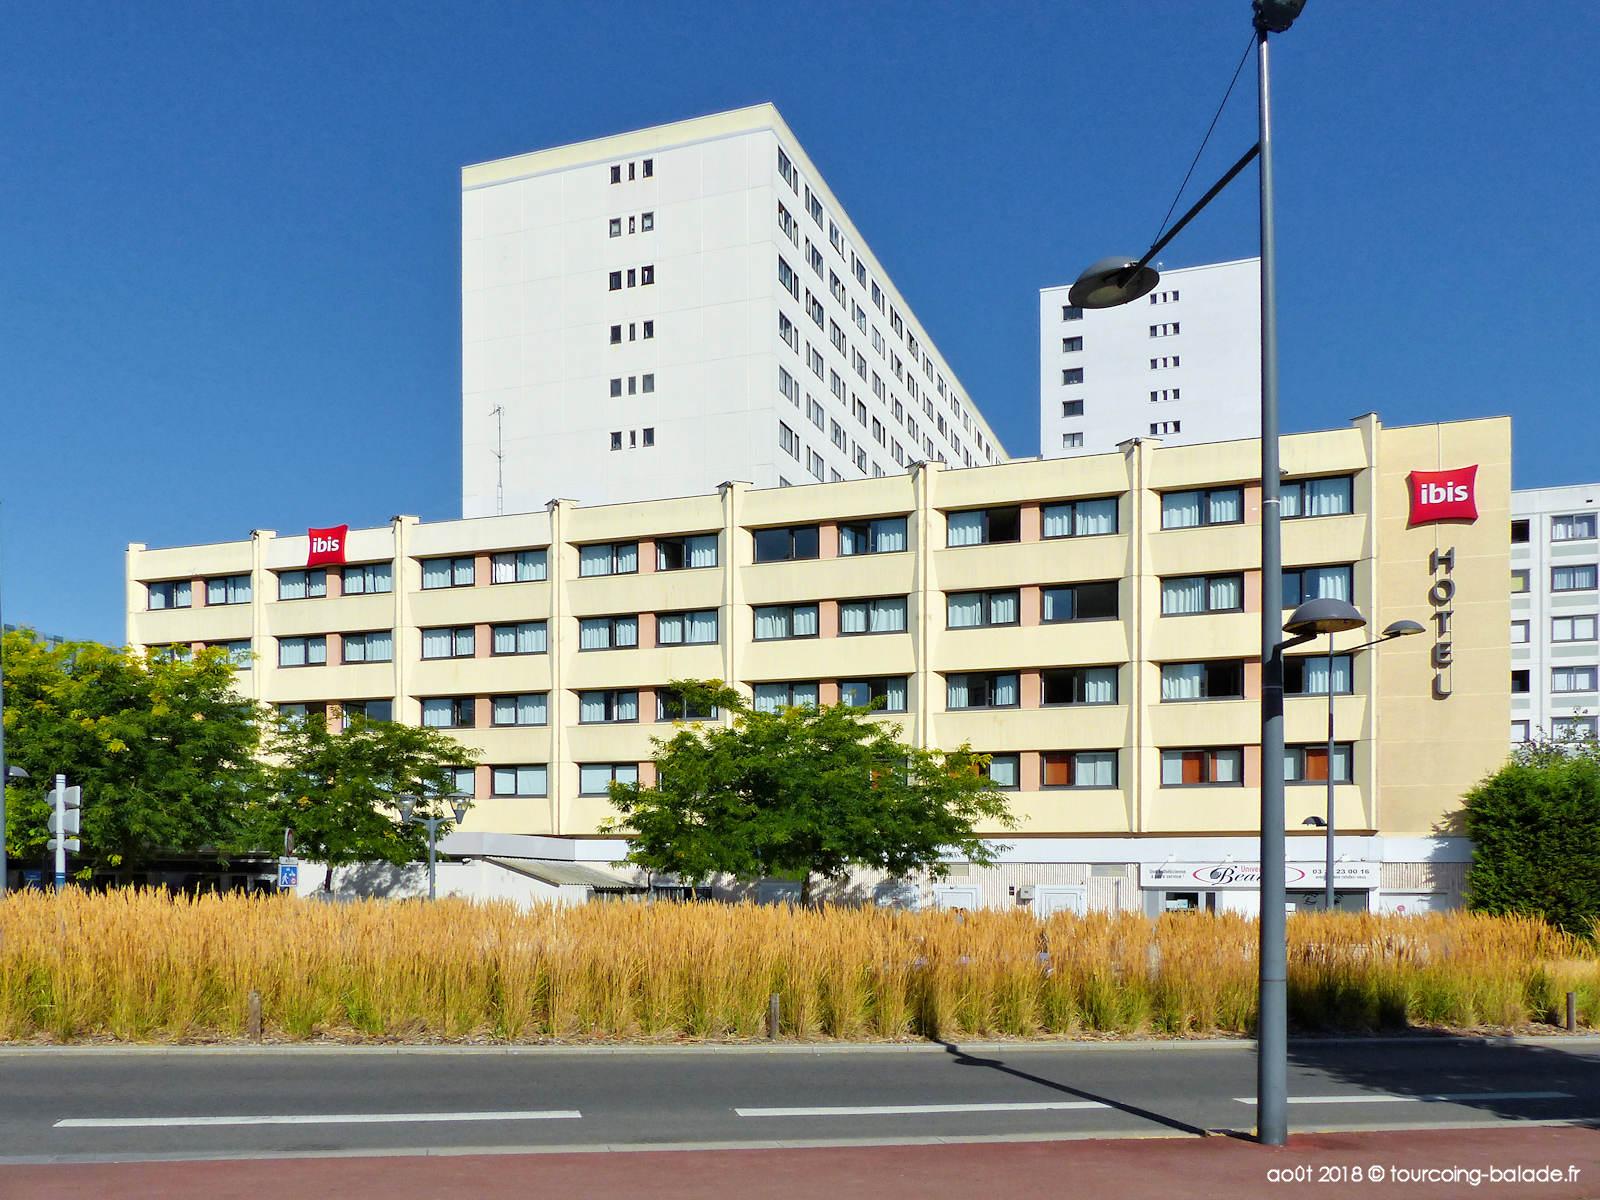 Hôtel Ibis Centre de Gaulle, Tourcoing 2018